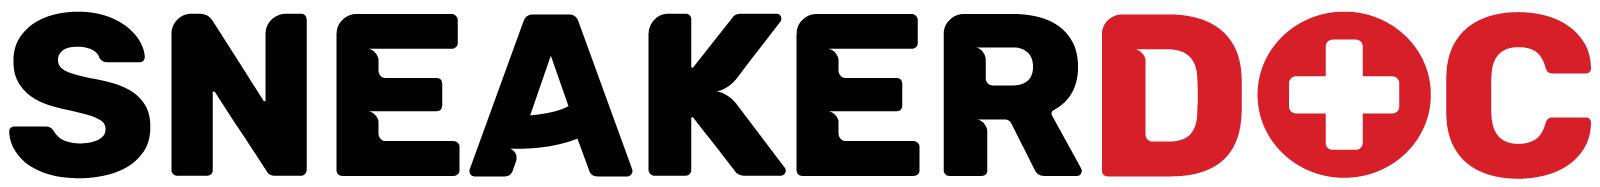 Sneakersdoc